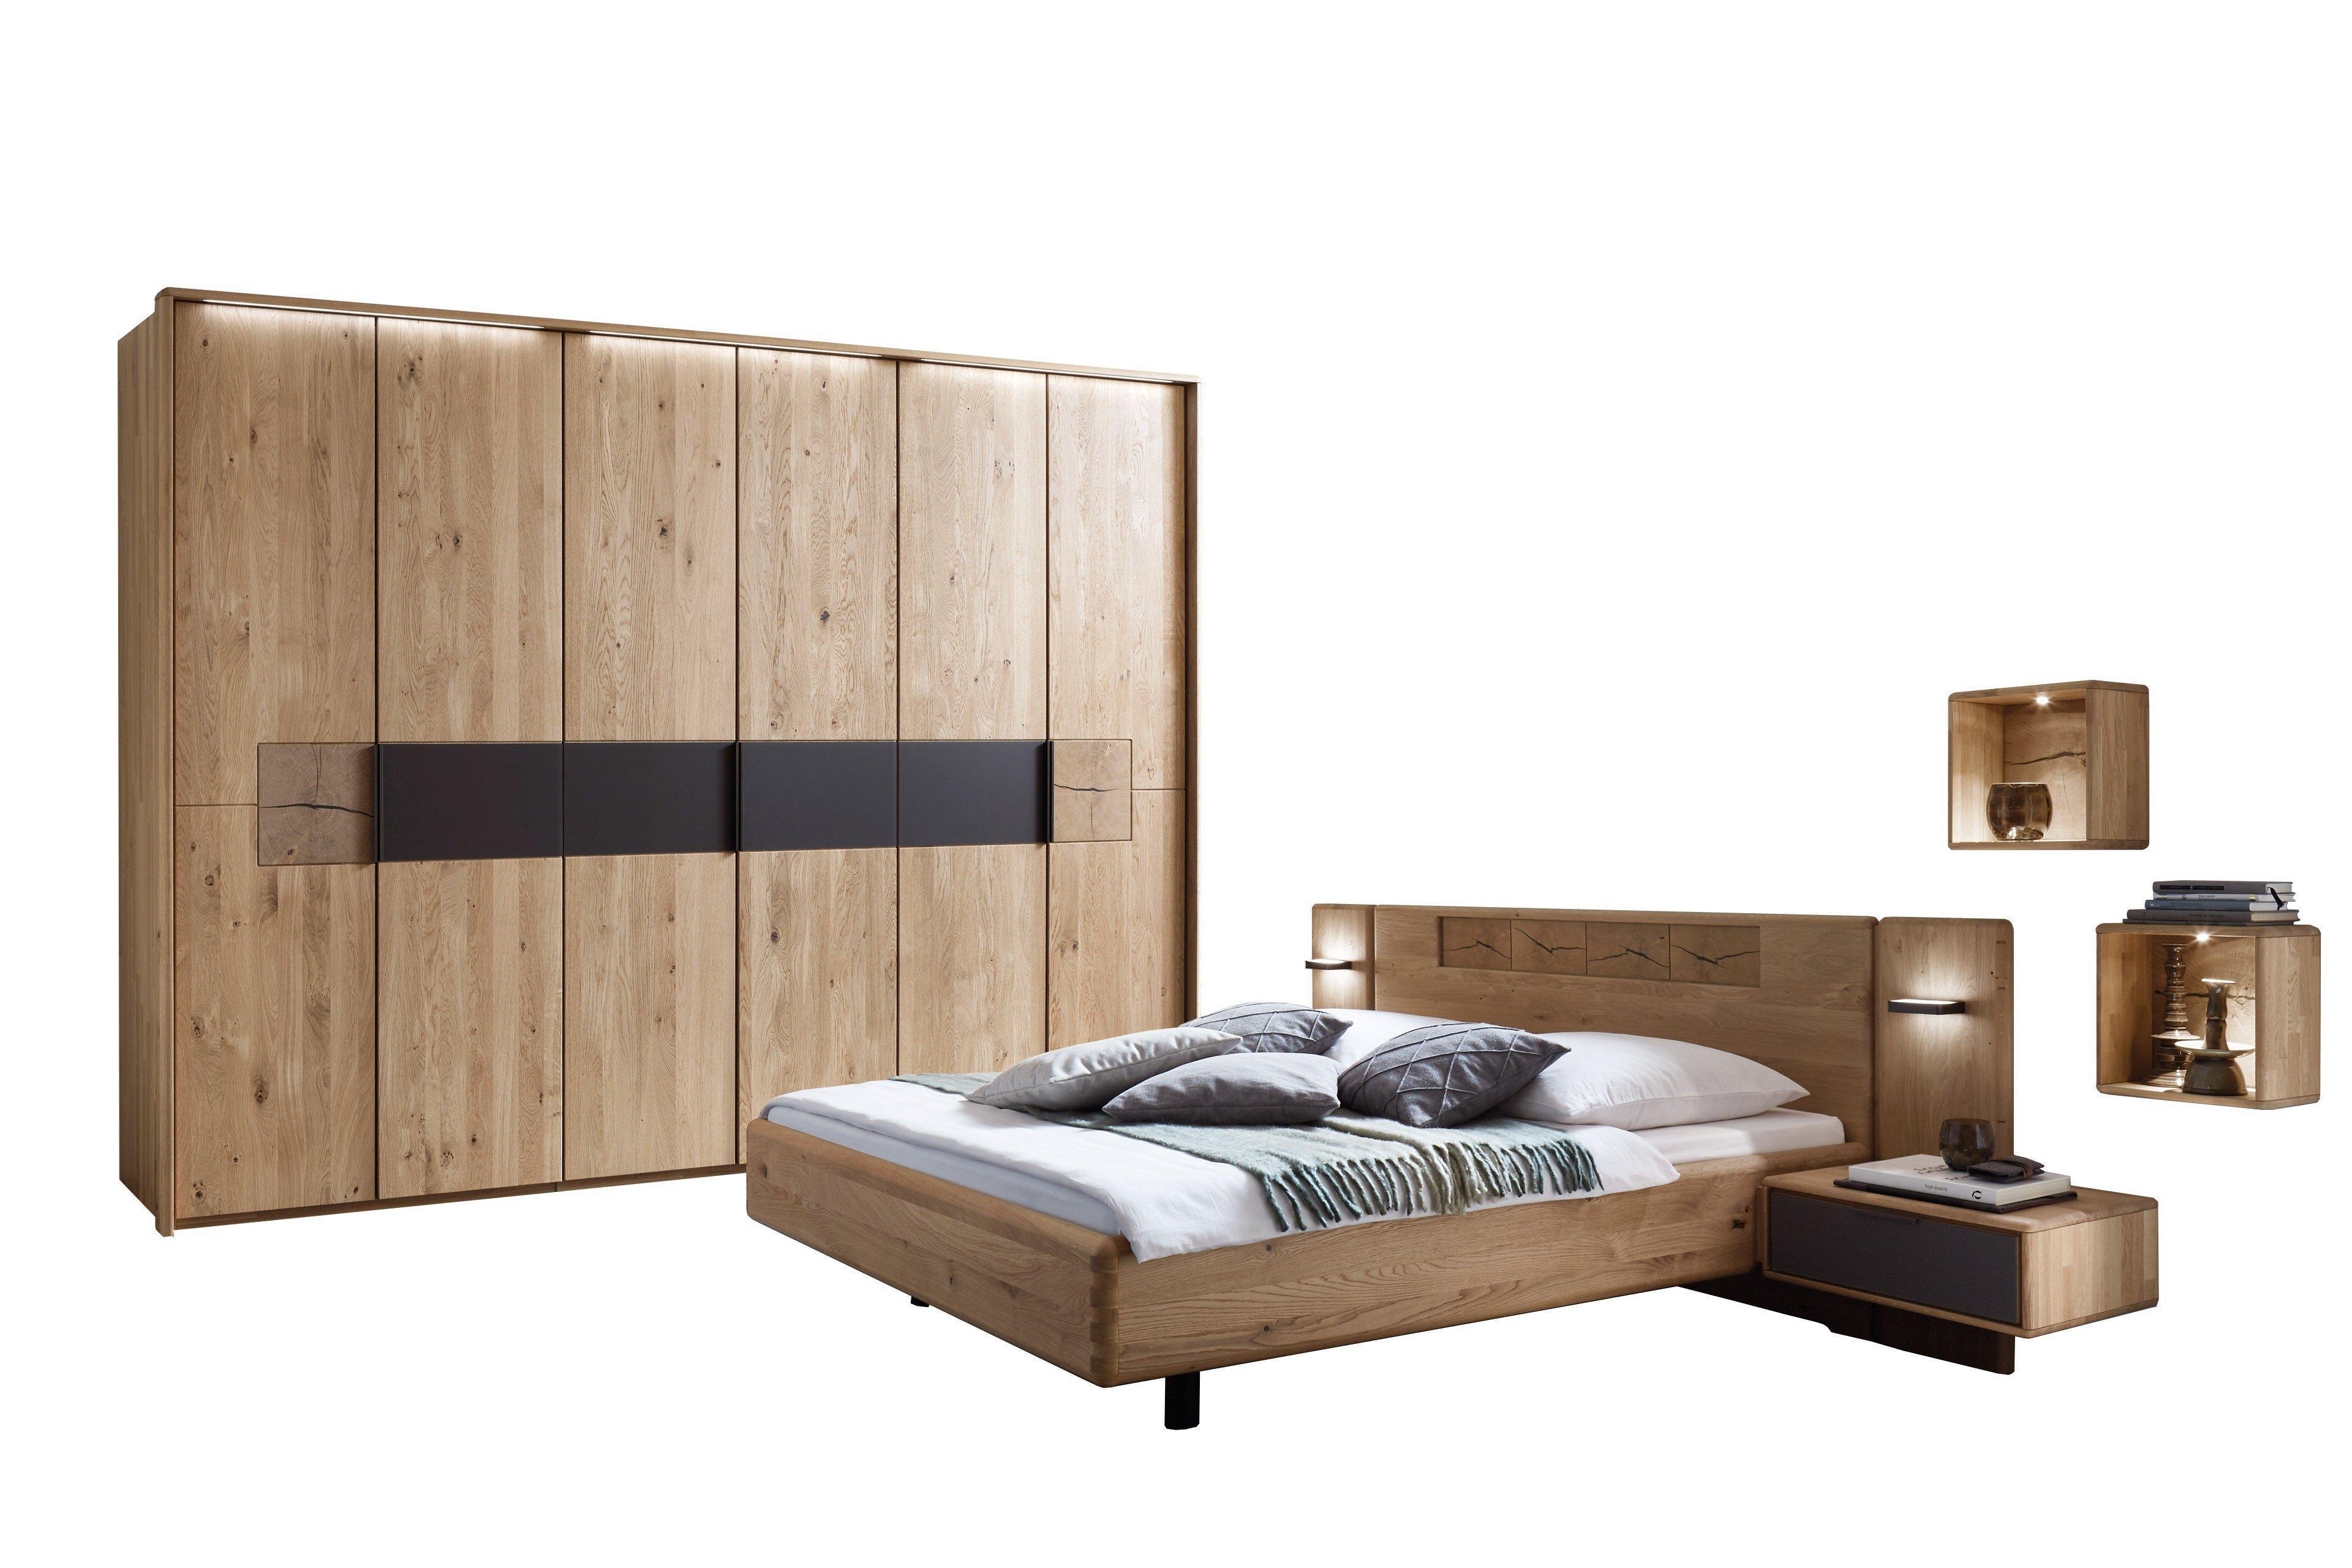 Wöstmann WSM 1600 Schlafzimmer Wildeiche   Möbel Letz - Ihr Online-Shop